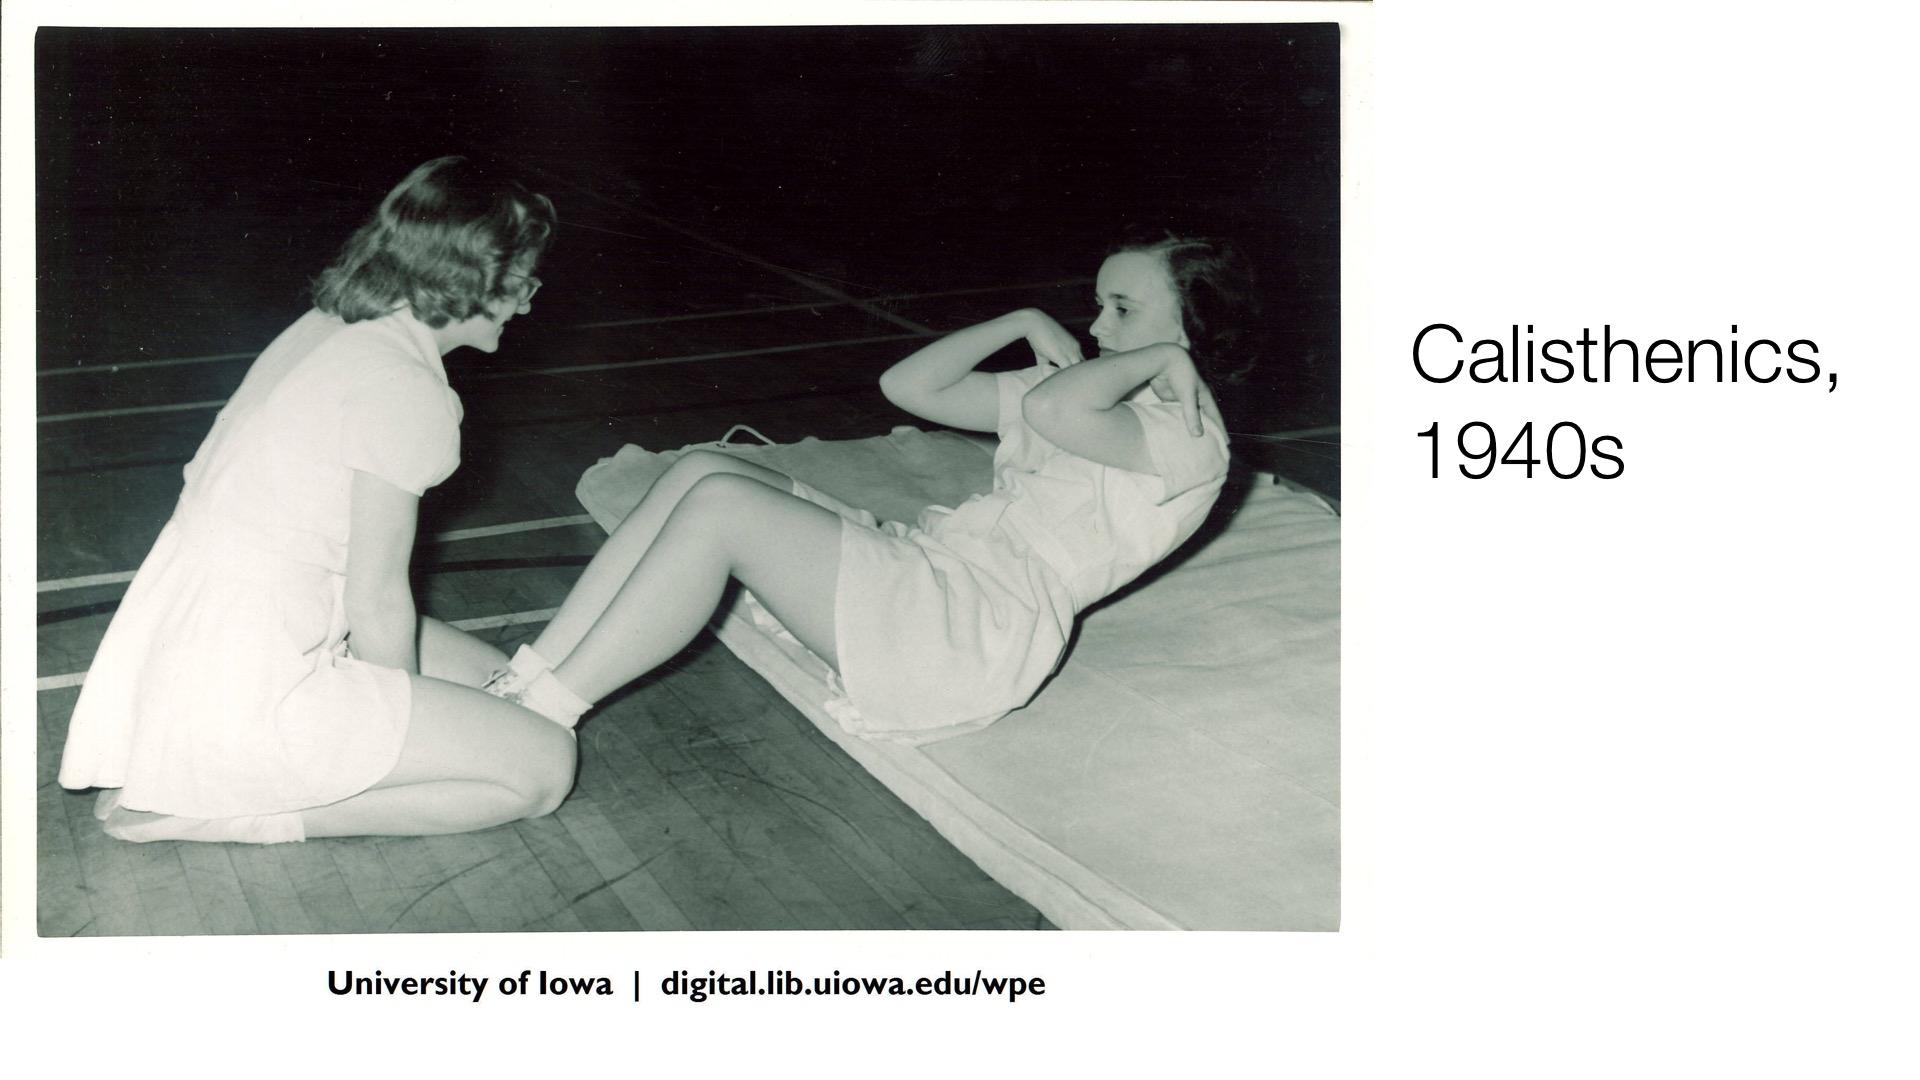 Calisthenics, 1940s